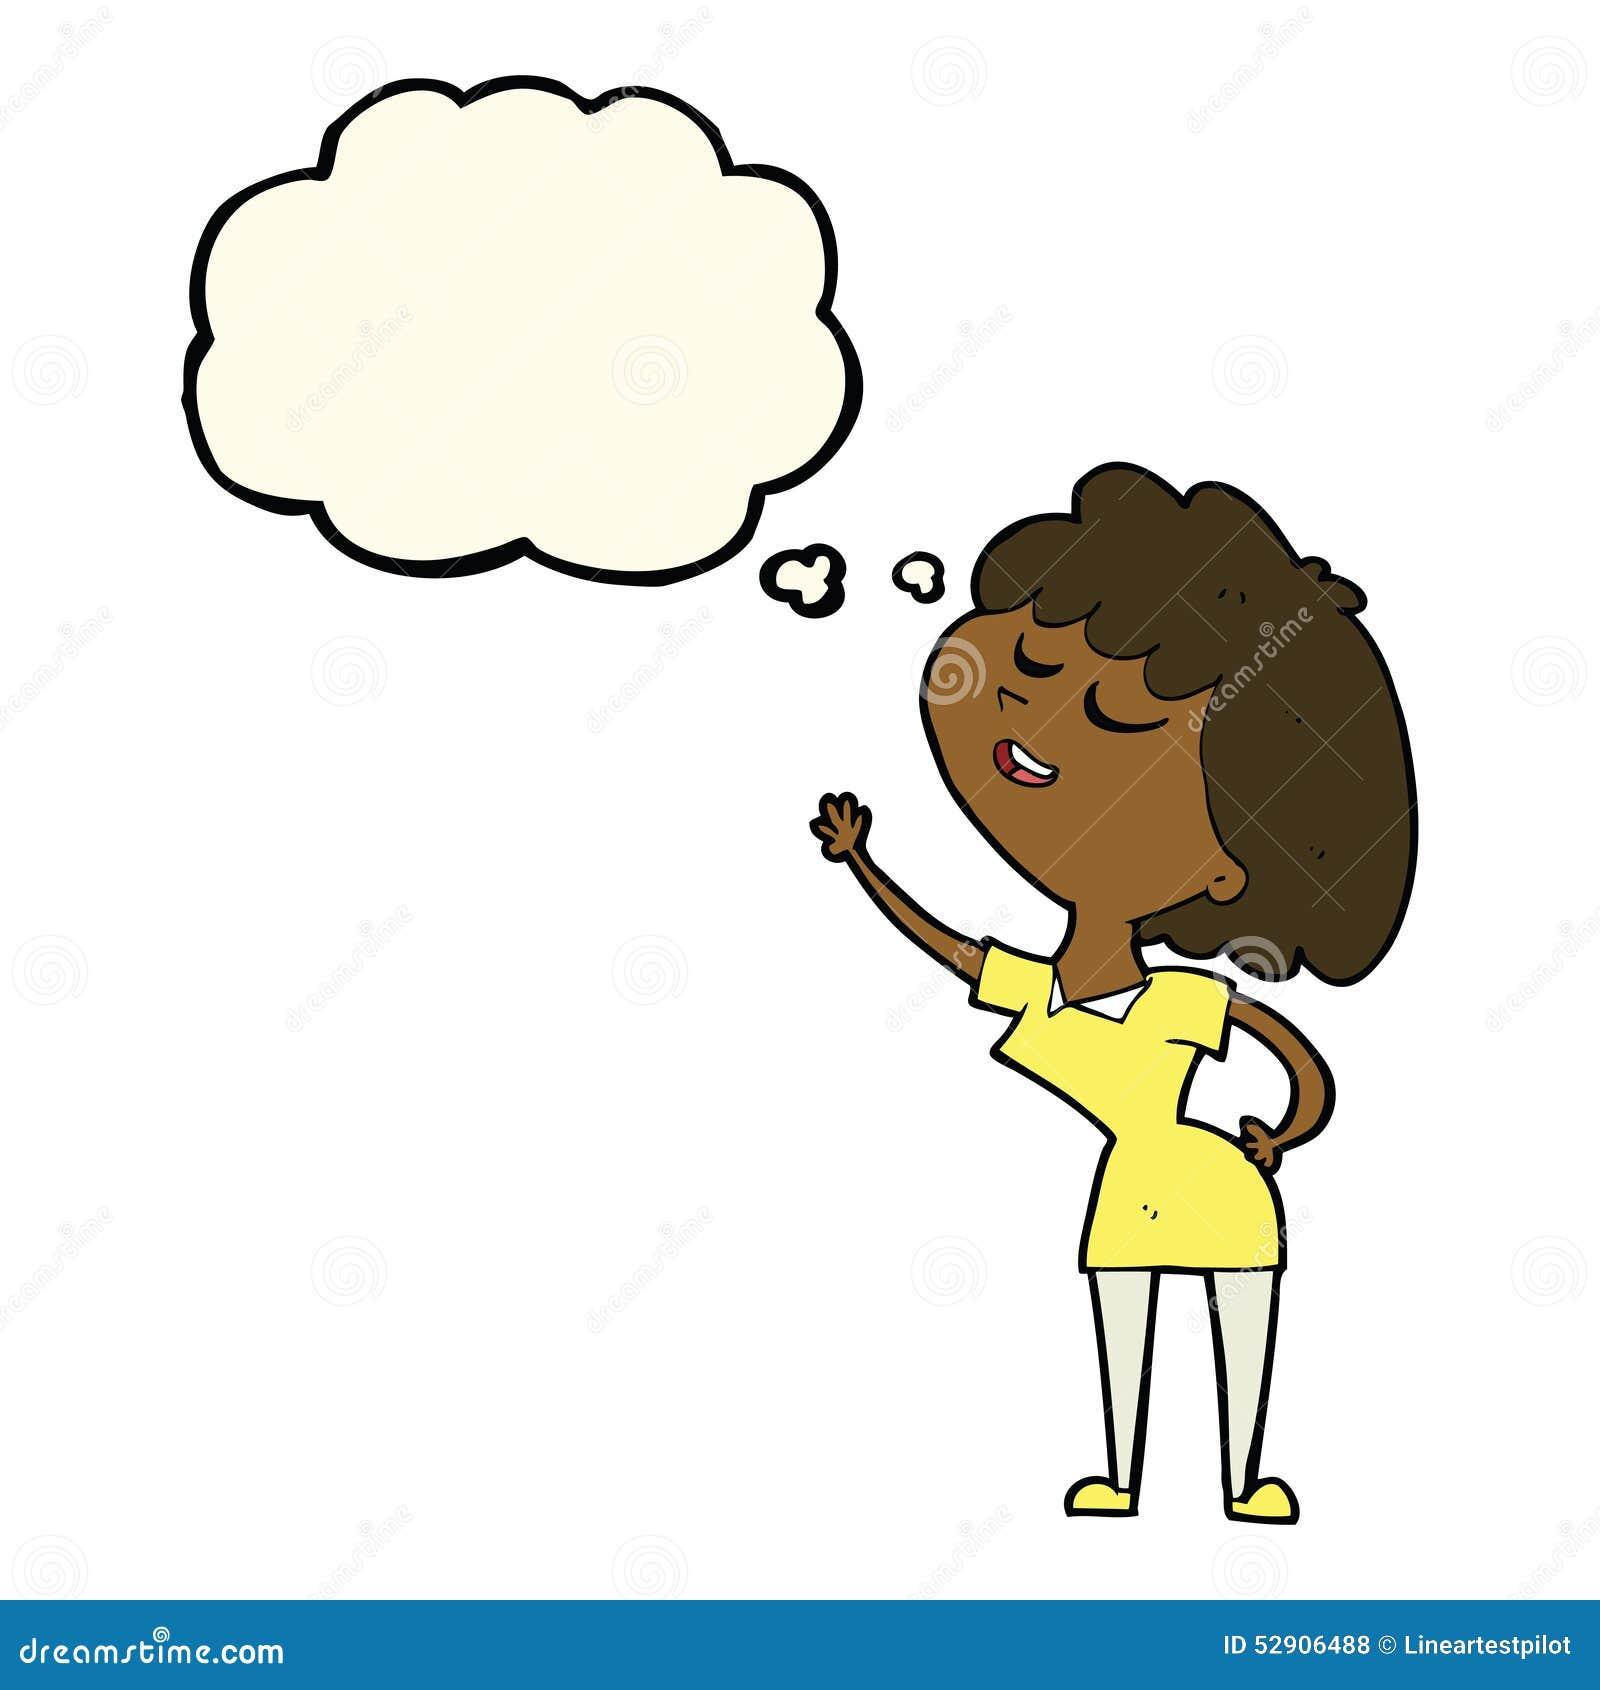 Mulher feliz dos desenhos animados aproximadamente a falar com a bolha do pensamento